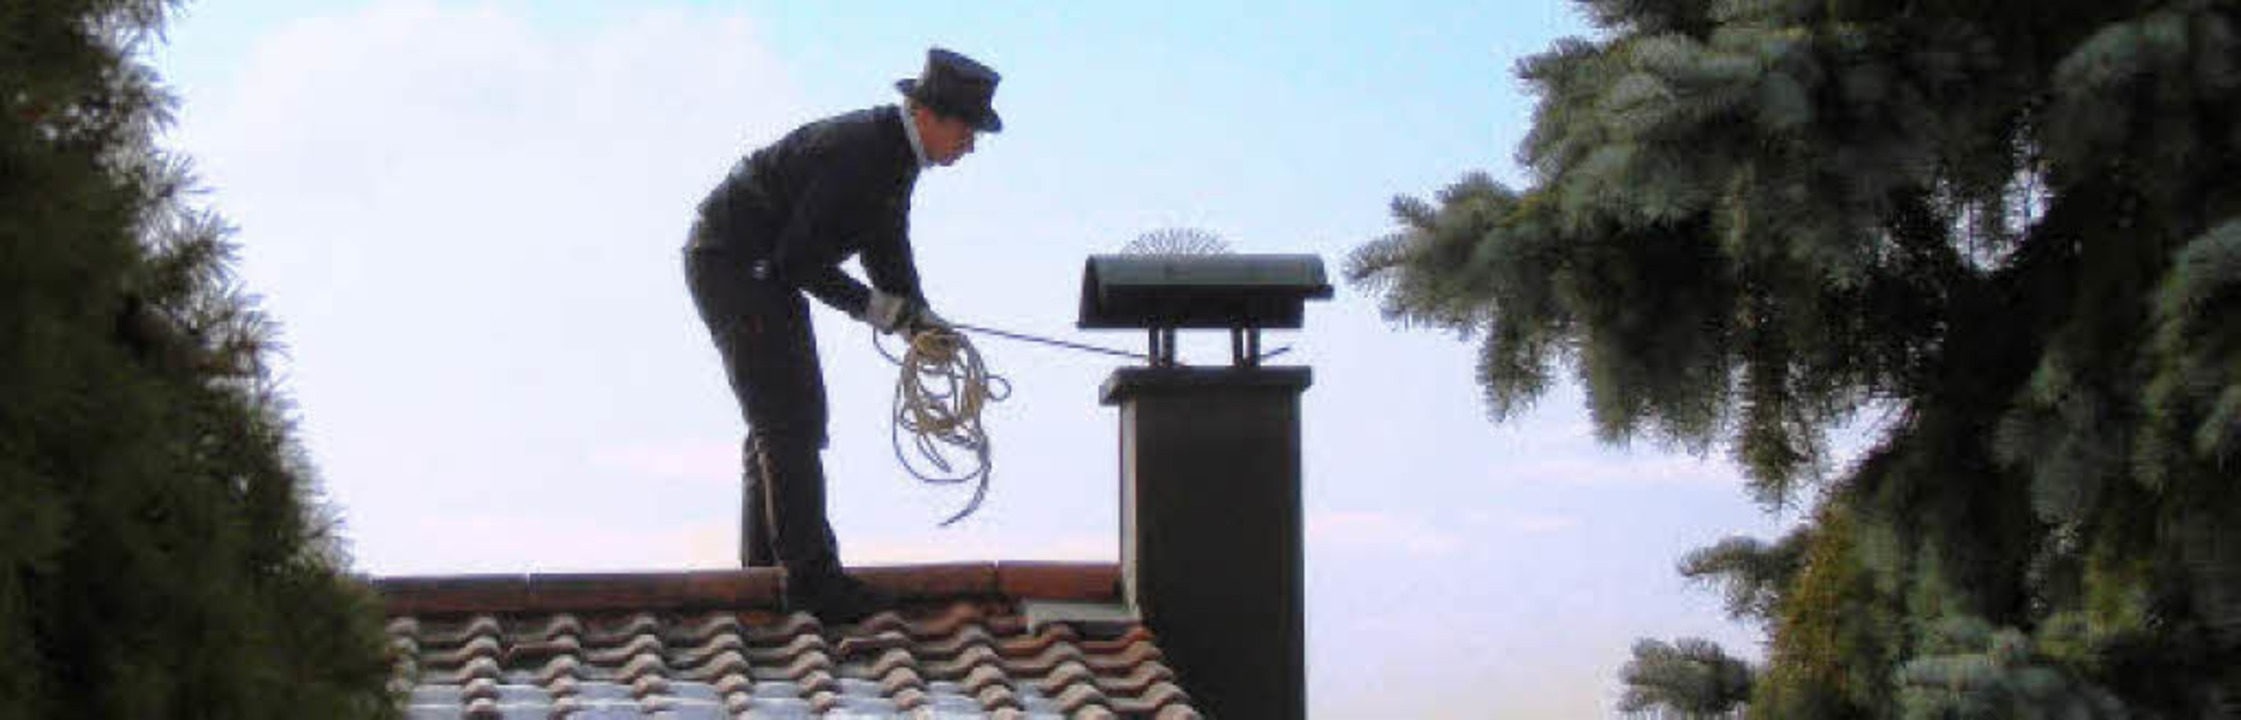 Fehlt nur noch Mary Poppins … Be... Dach beim Reinigen des Schornsteins.     Foto: Nicole Mai